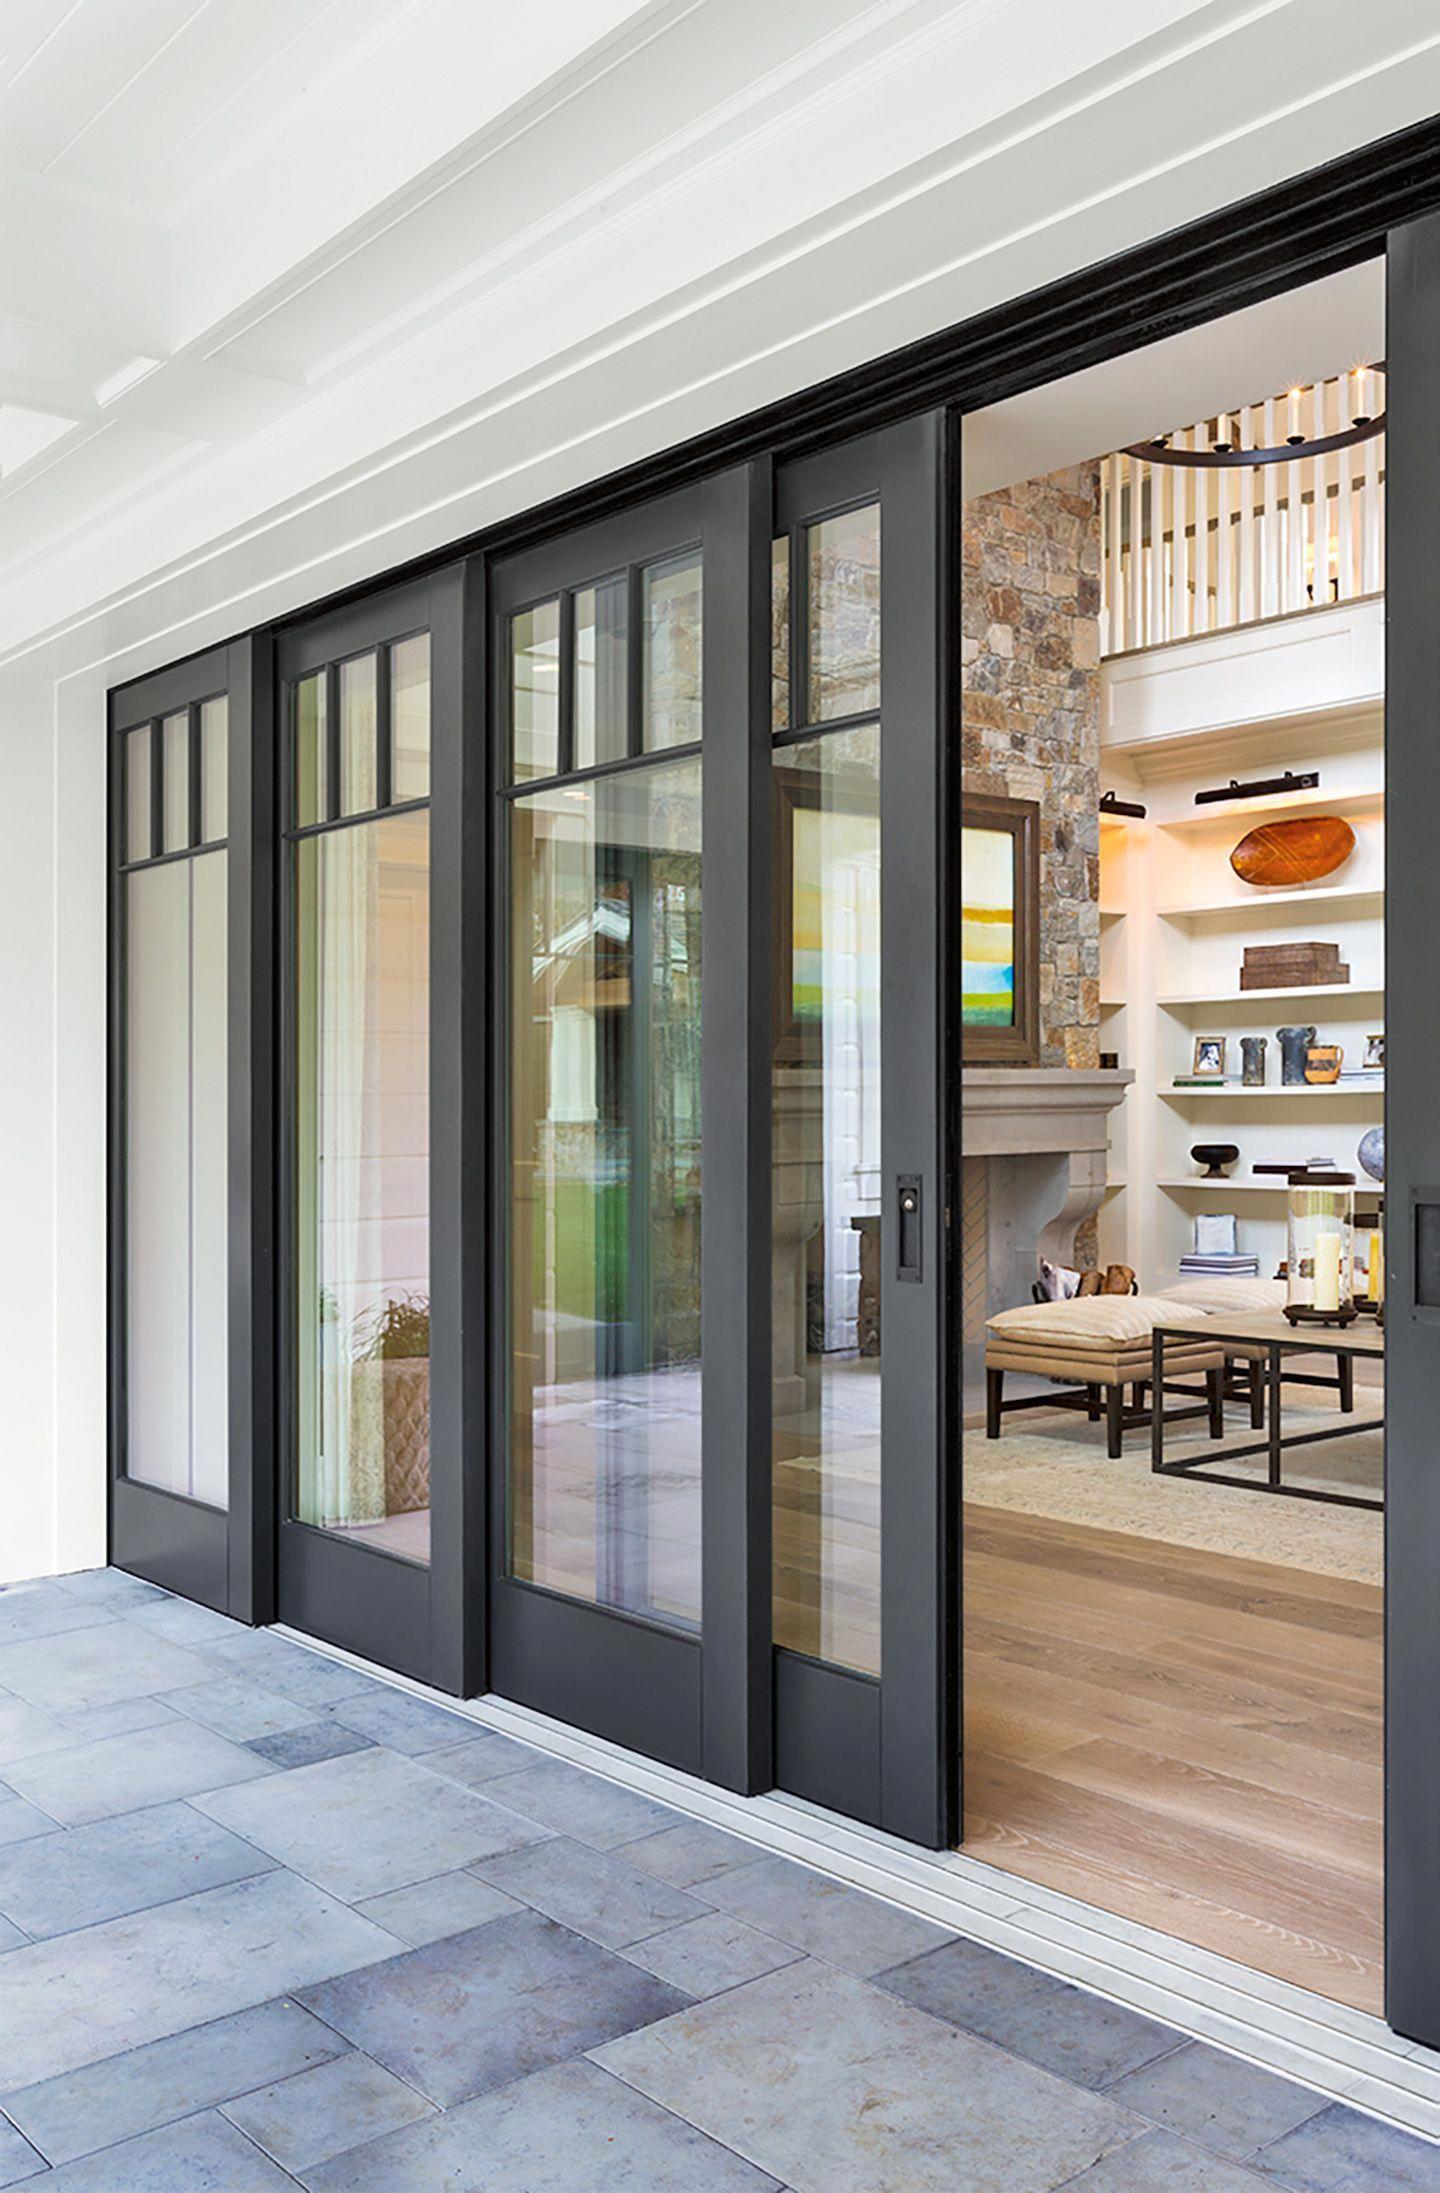 Door Types Telescoping Slider Sliding Doors Exterior French Doors Exterior Glass Doors Patio